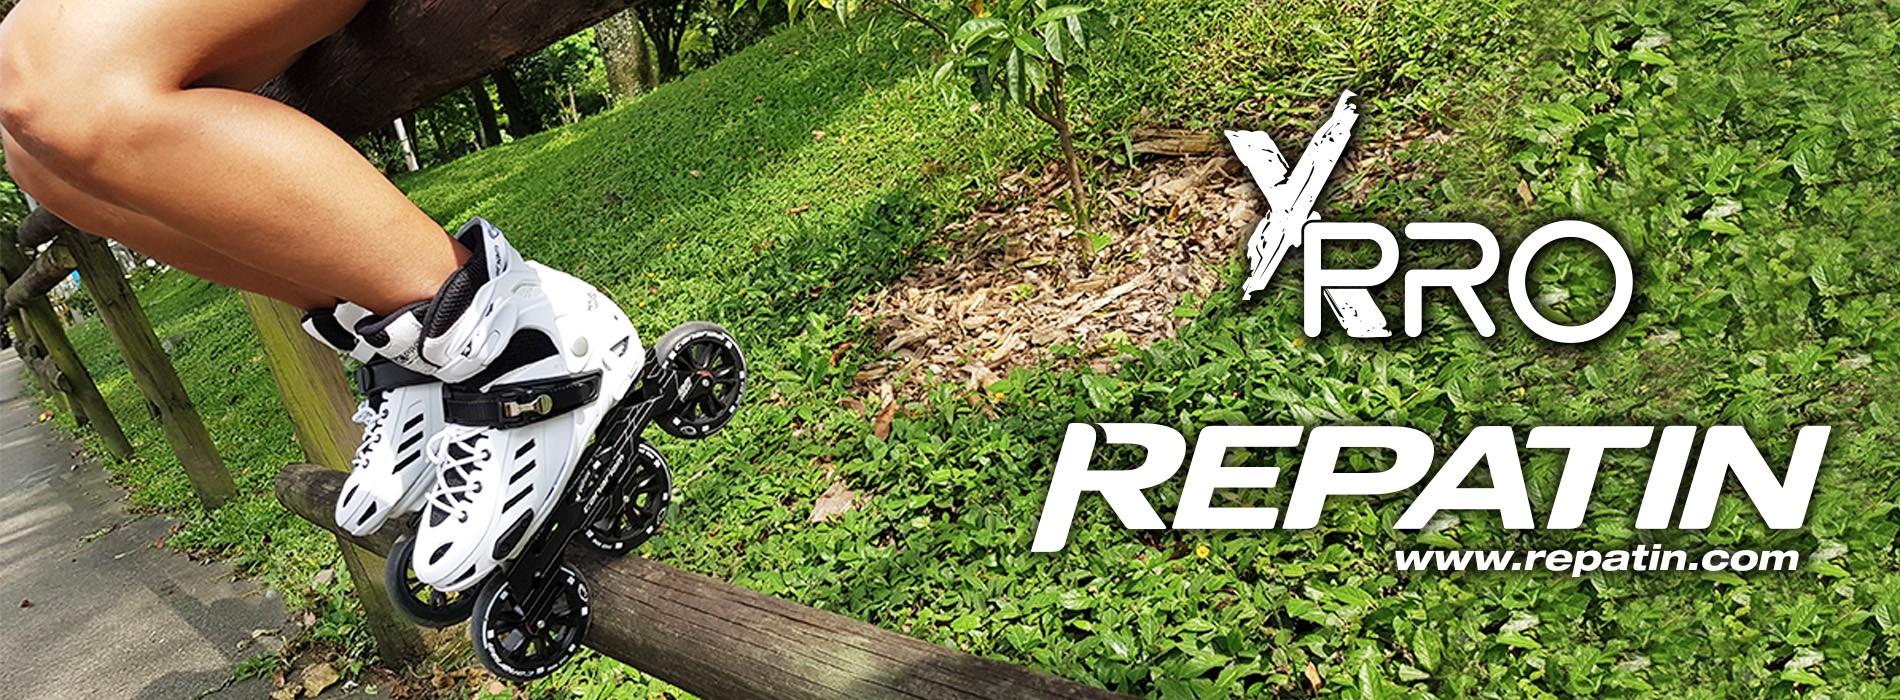 Patines recreativos - Repatin Colombia